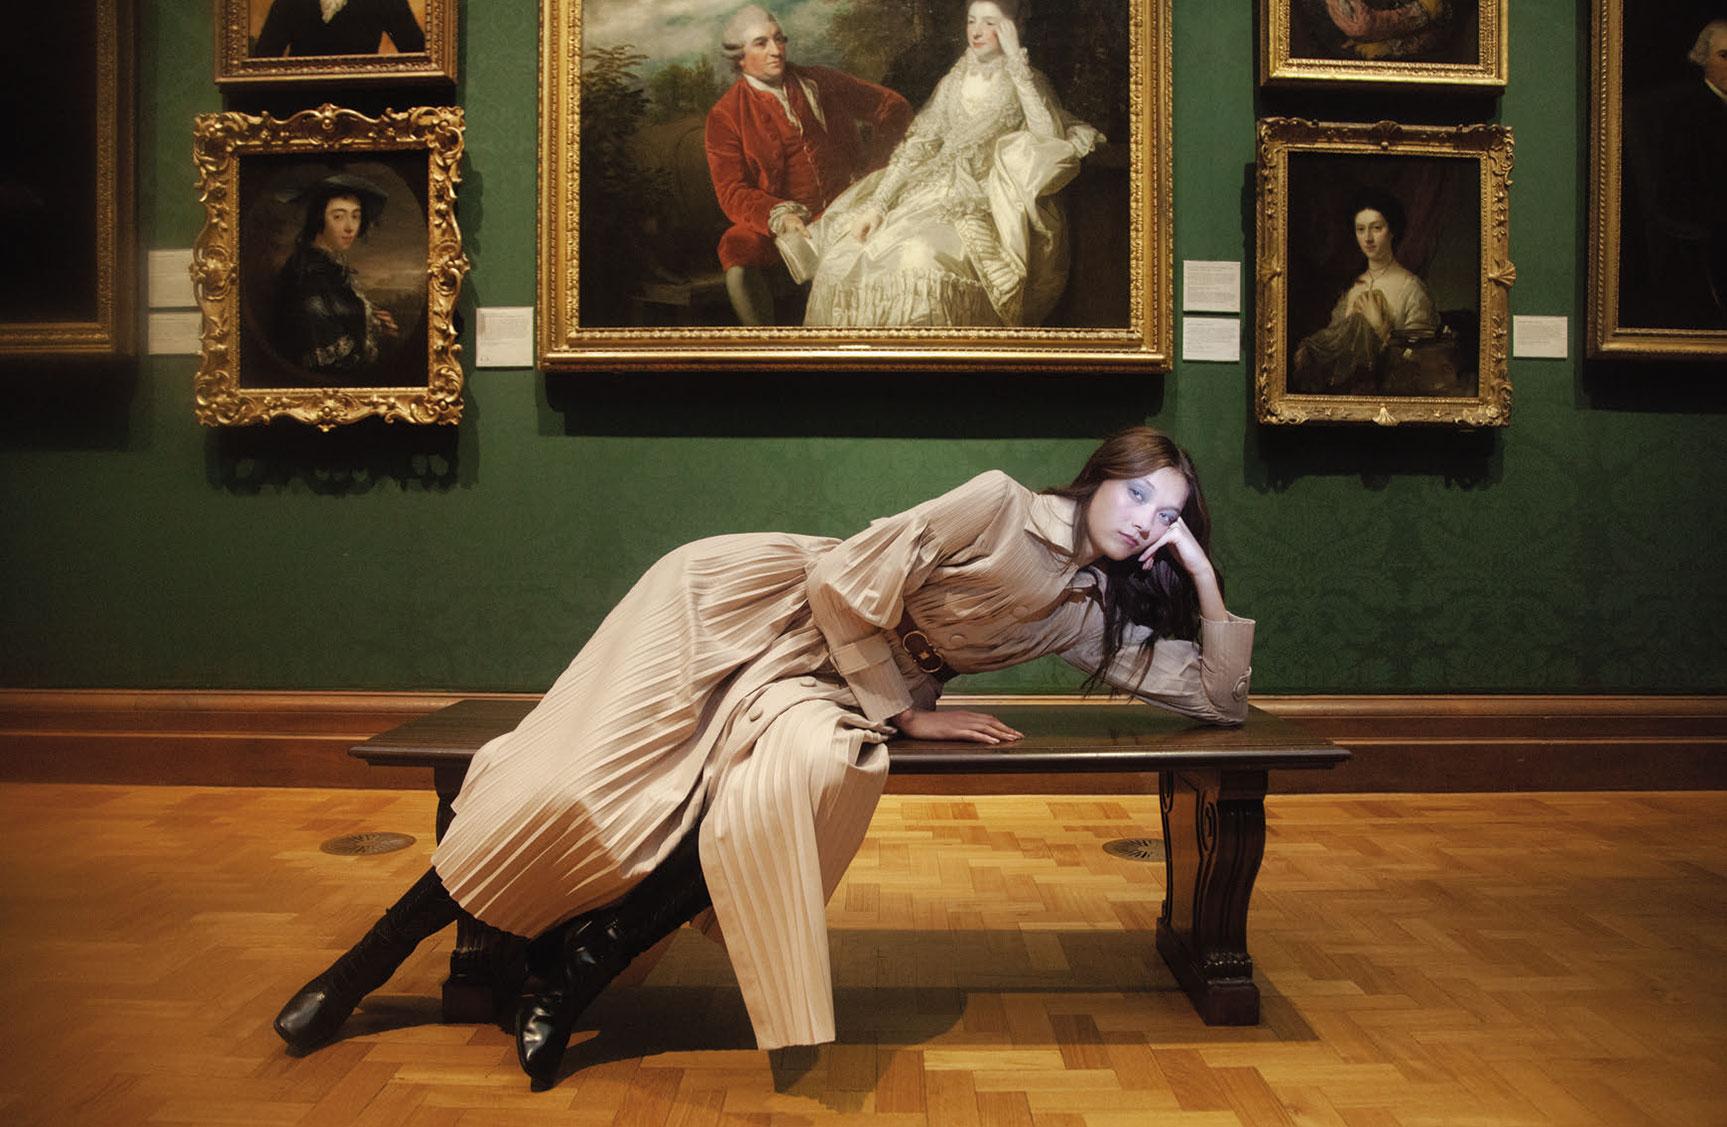 Модный показ в картинной галерее Тейт / фото 01